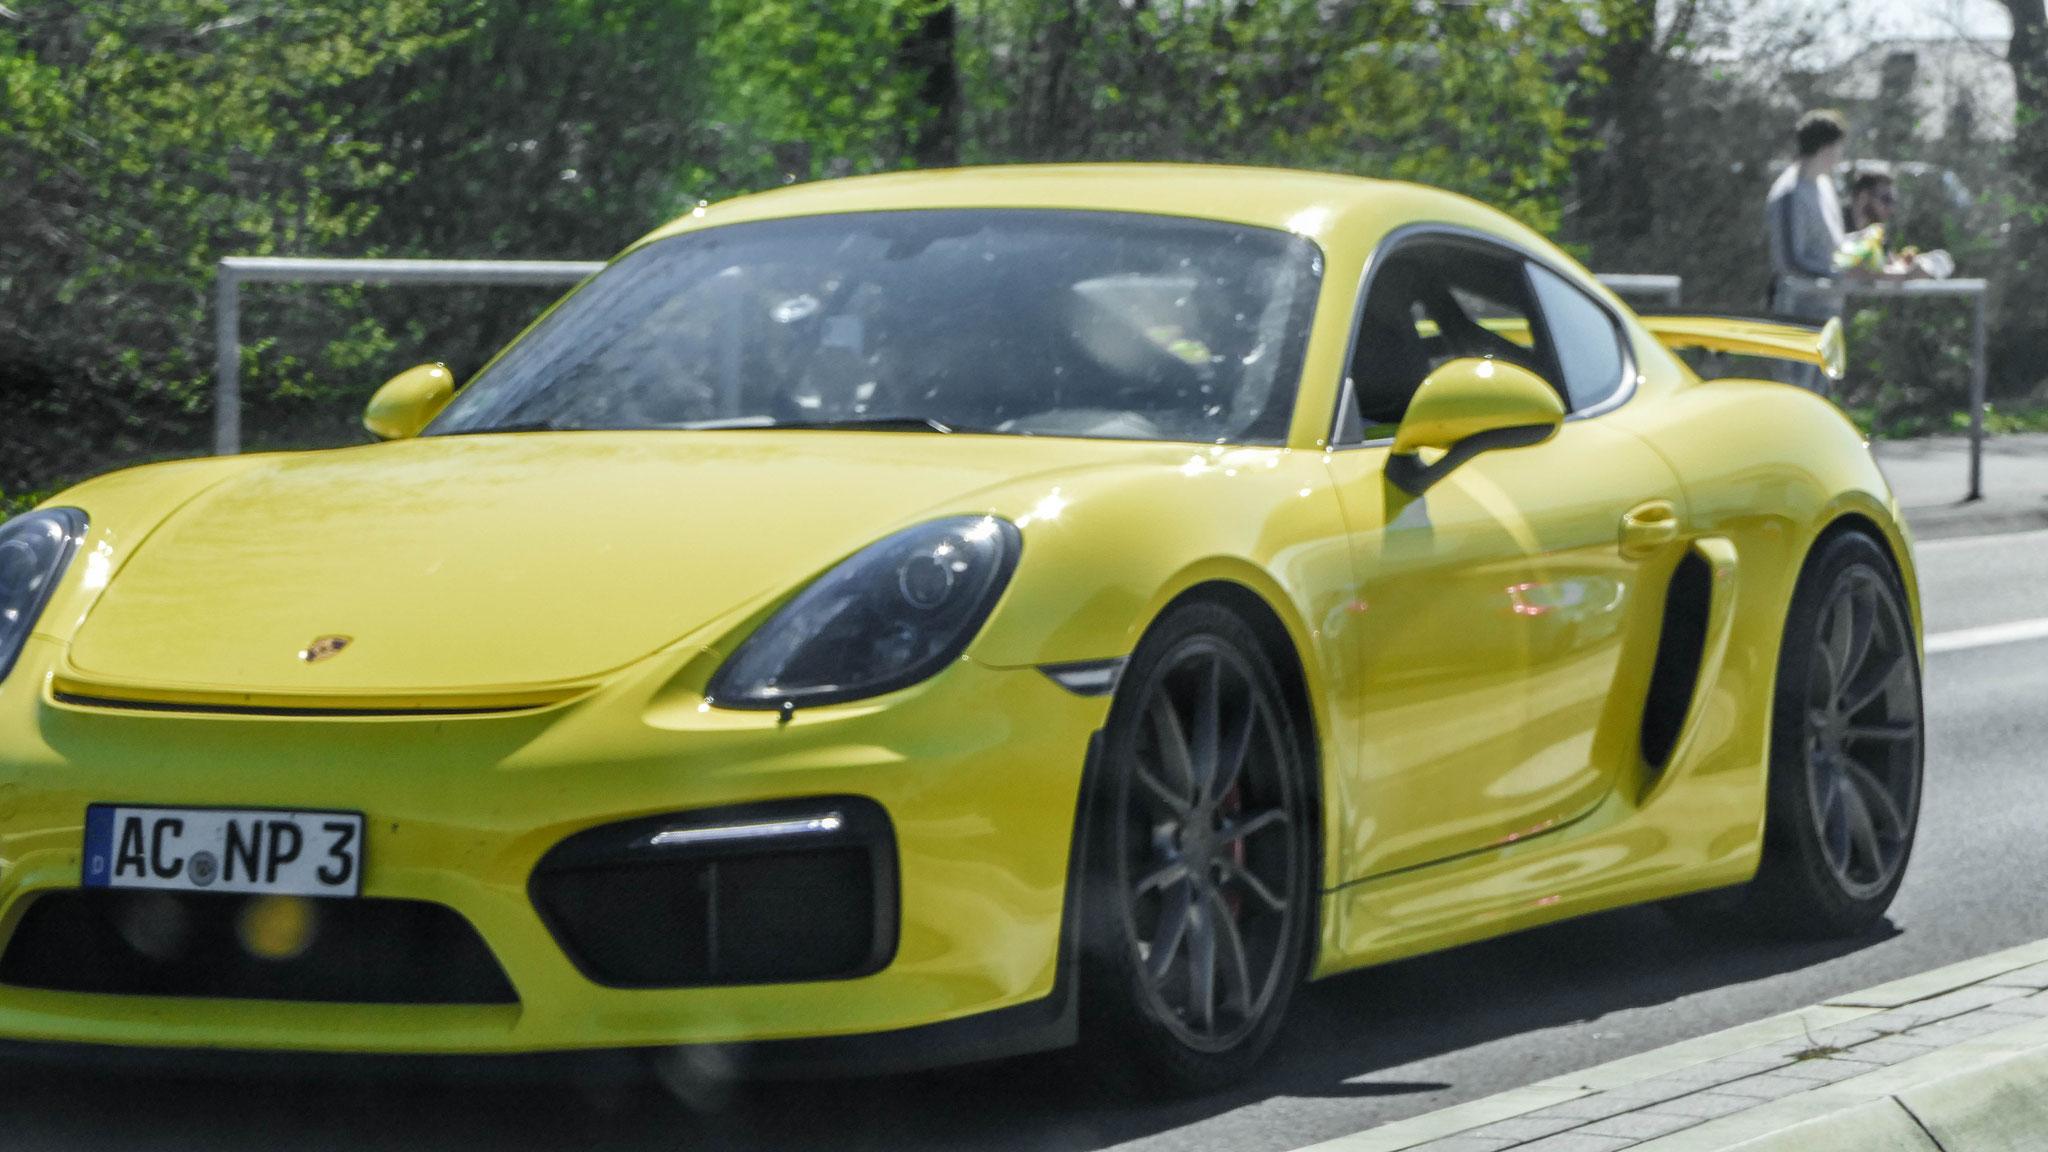 Porsche Cayman GT4 - AC-NP-3